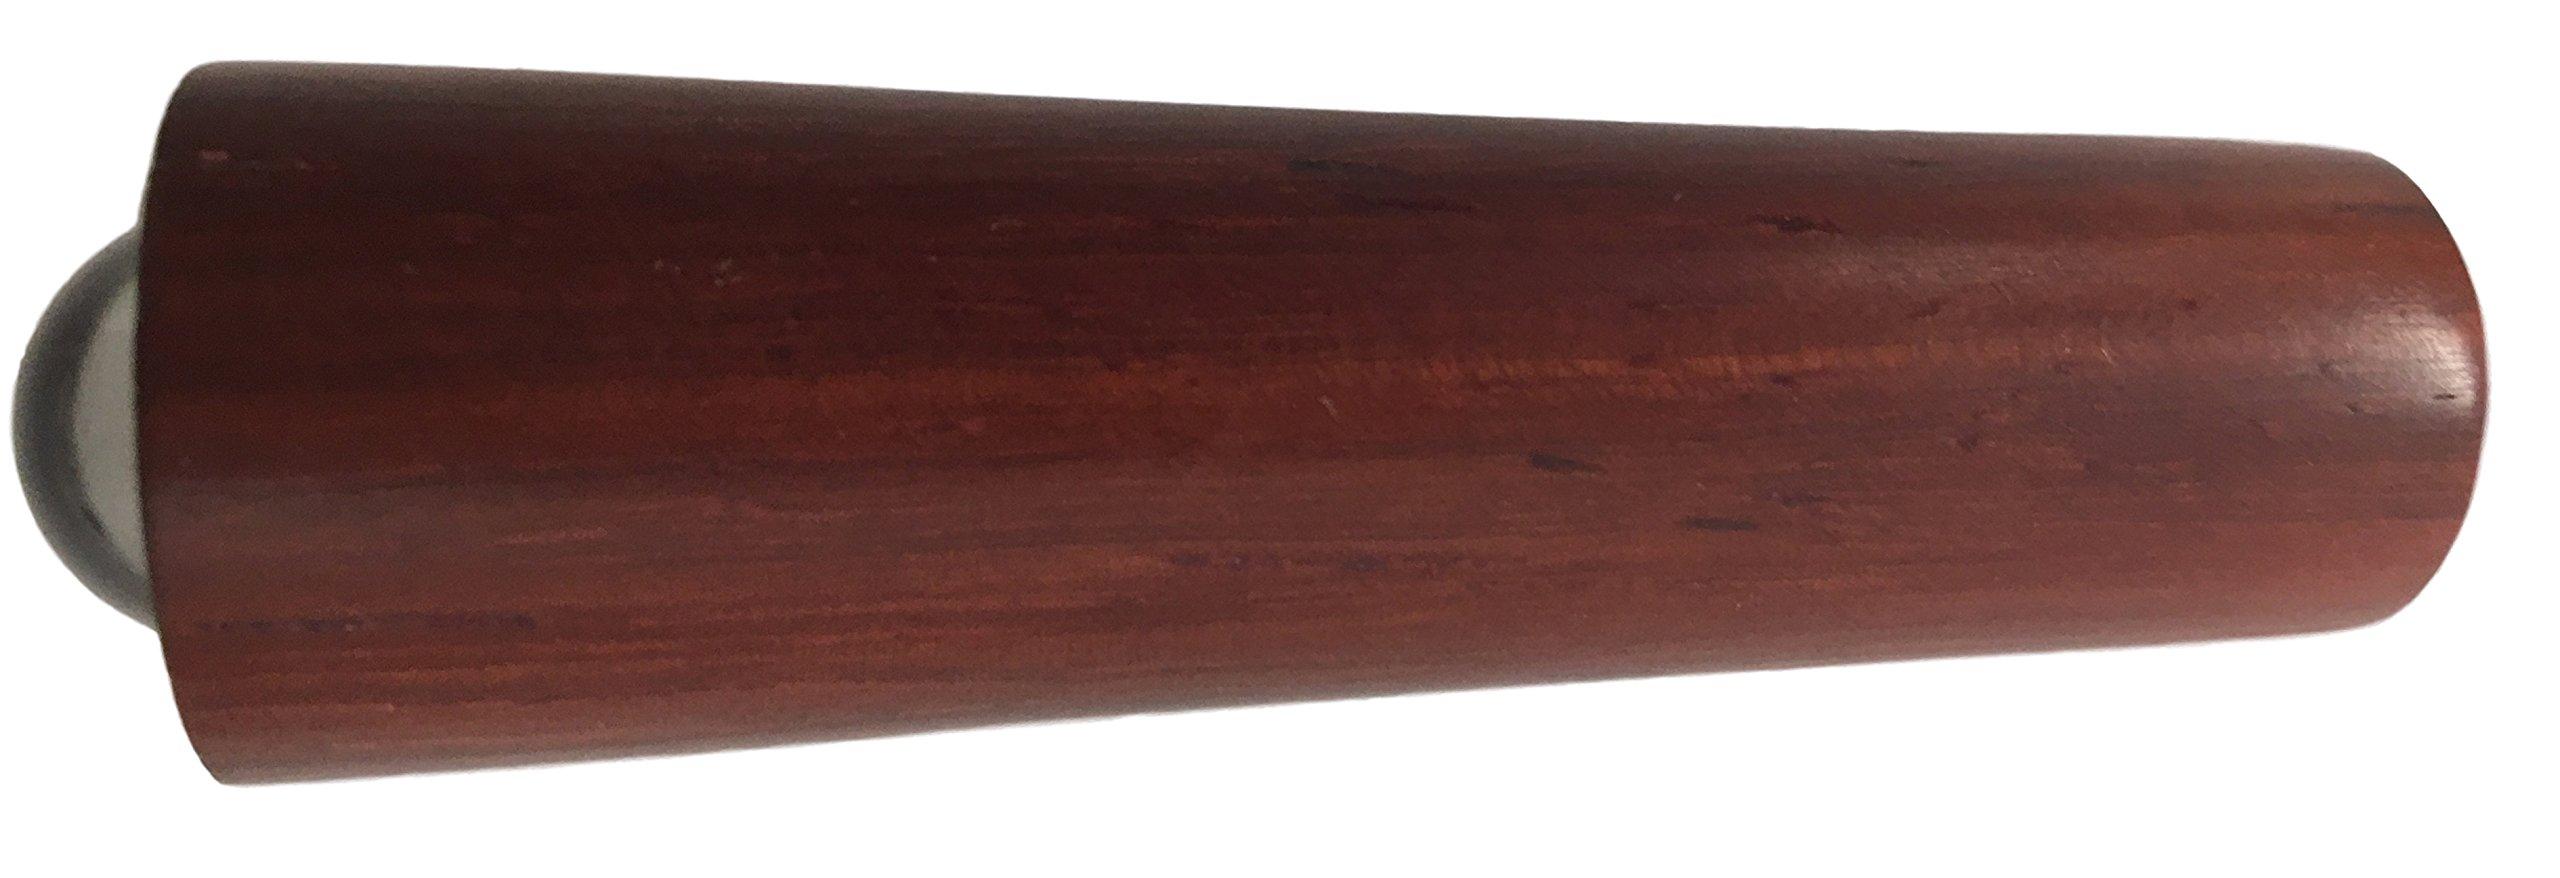 N & J Kaleidoscope Teleidoscope Solid Padauk Wood, MINI 3 Inch Long, Solid Padauk